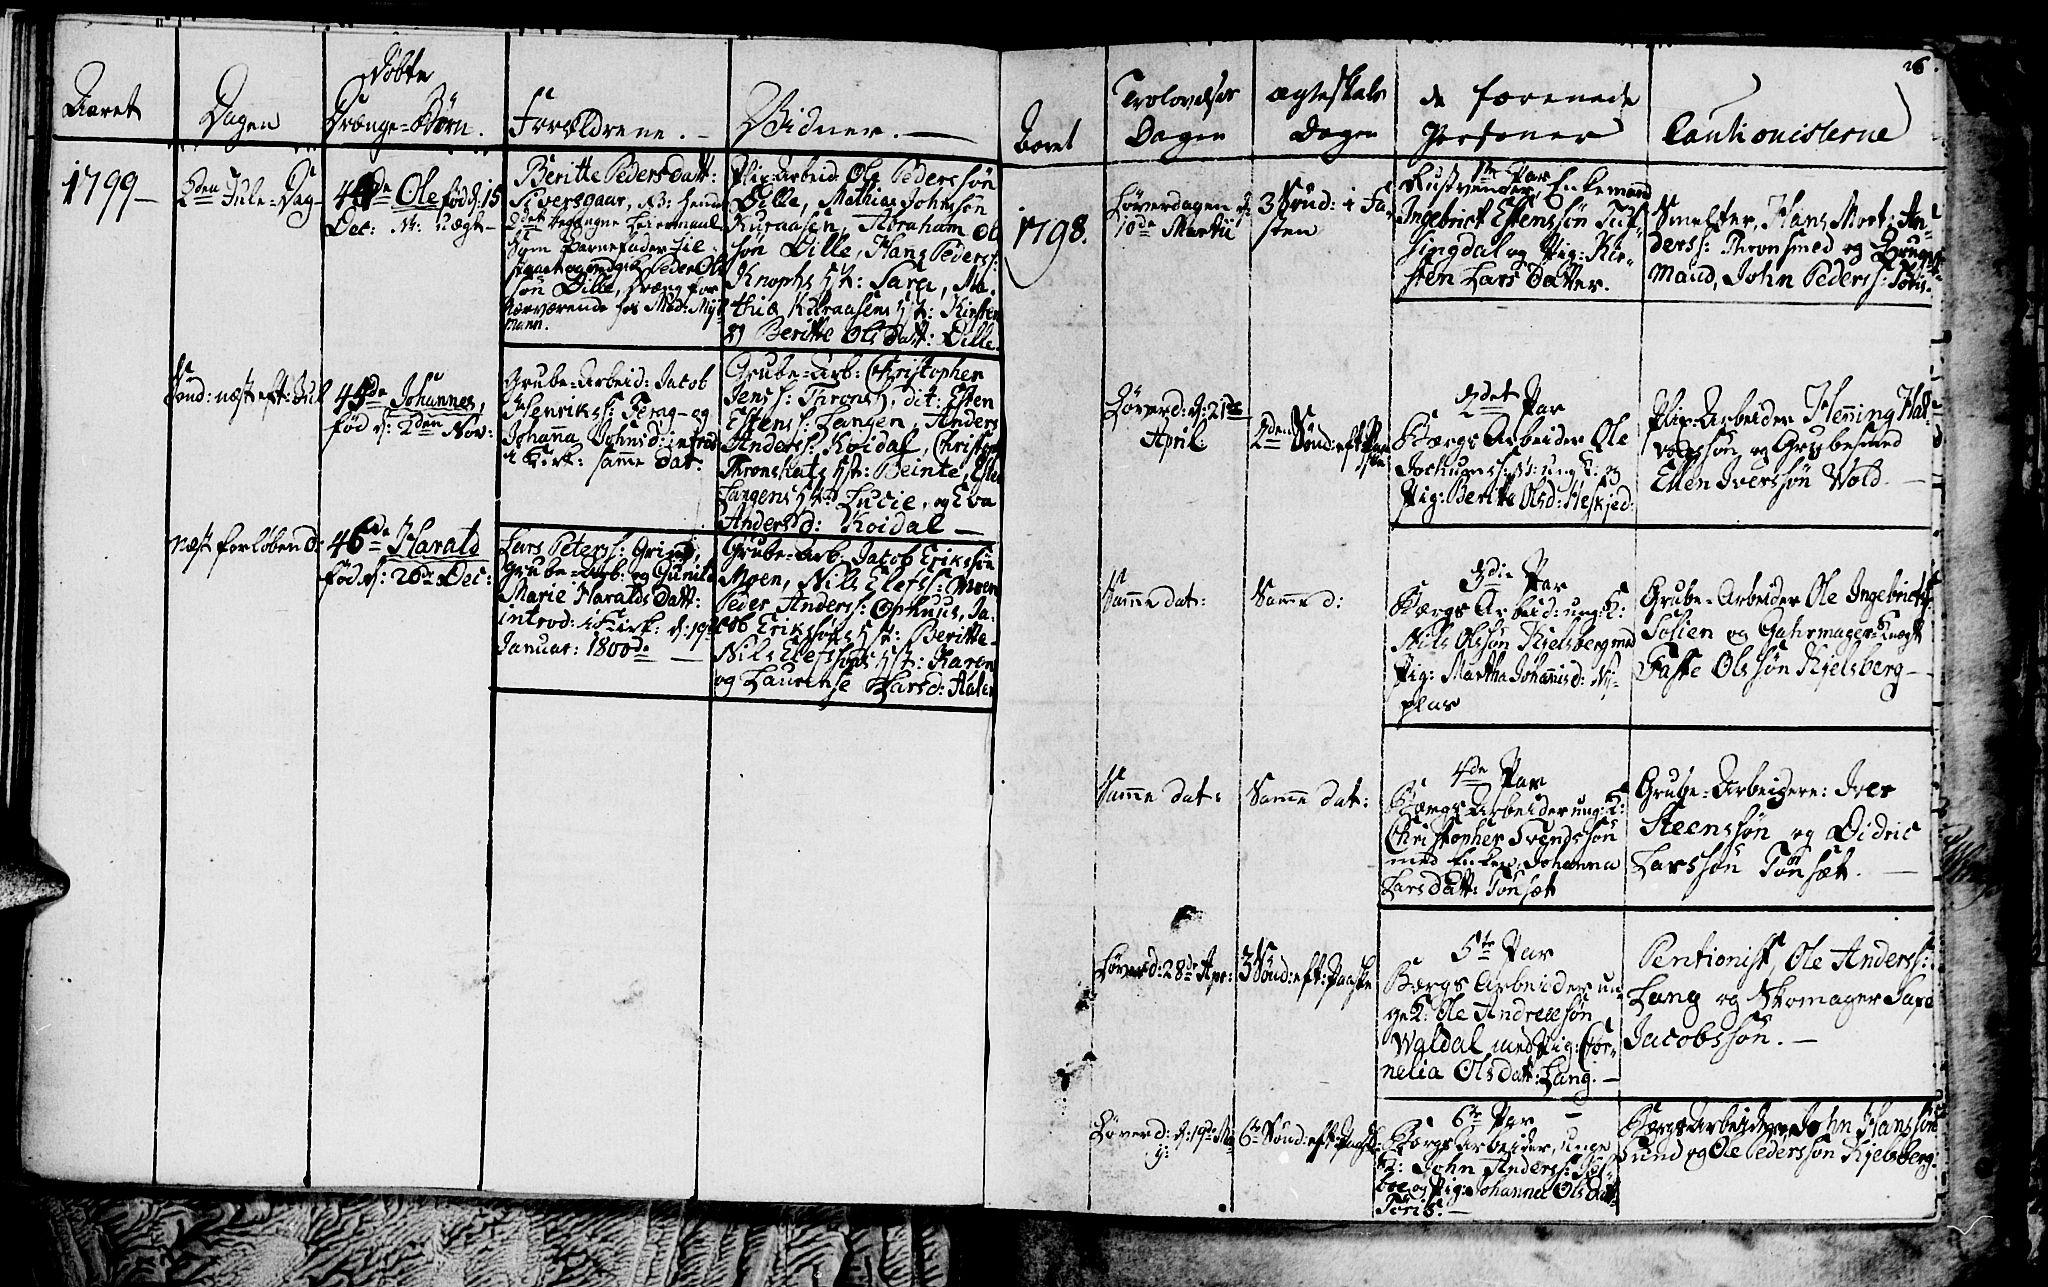 SAT, Ministerialprotokoller, klokkerbøker og fødselsregistre - Sør-Trøndelag, 681/L0937: Klokkerbok nr. 681C01, 1798-1810, s. 26